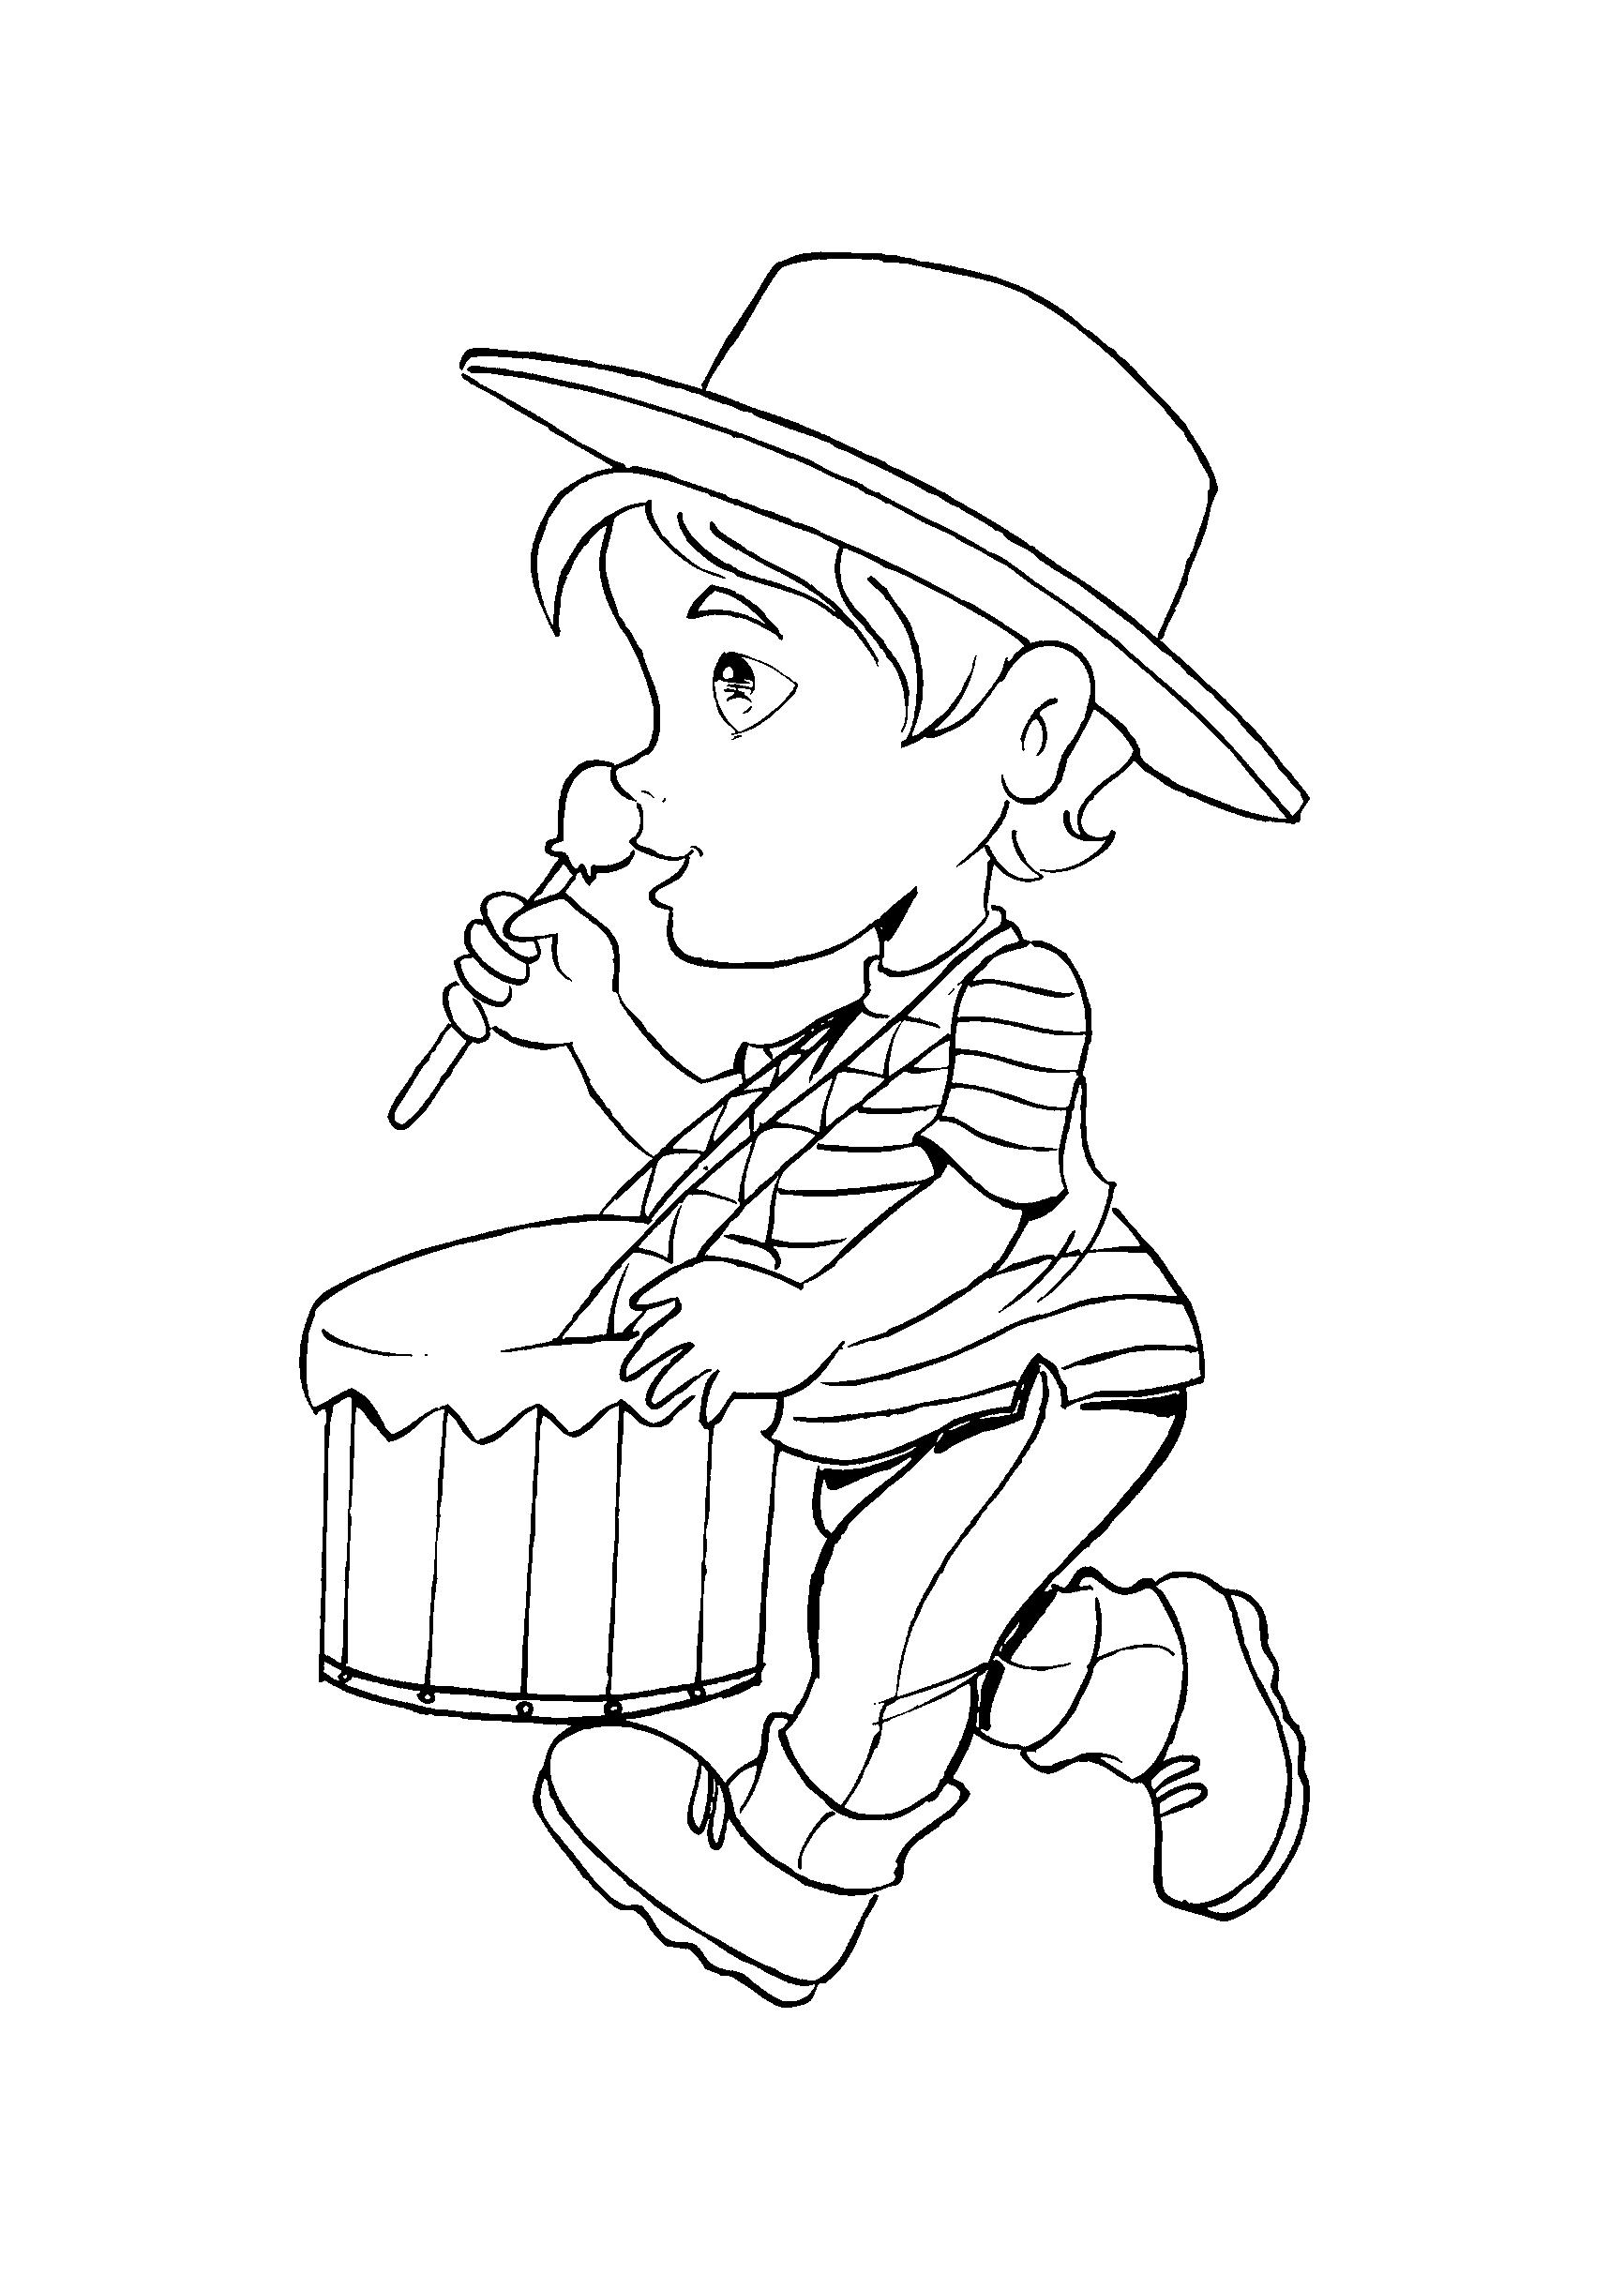 desenho-carnaval-menino-tambor